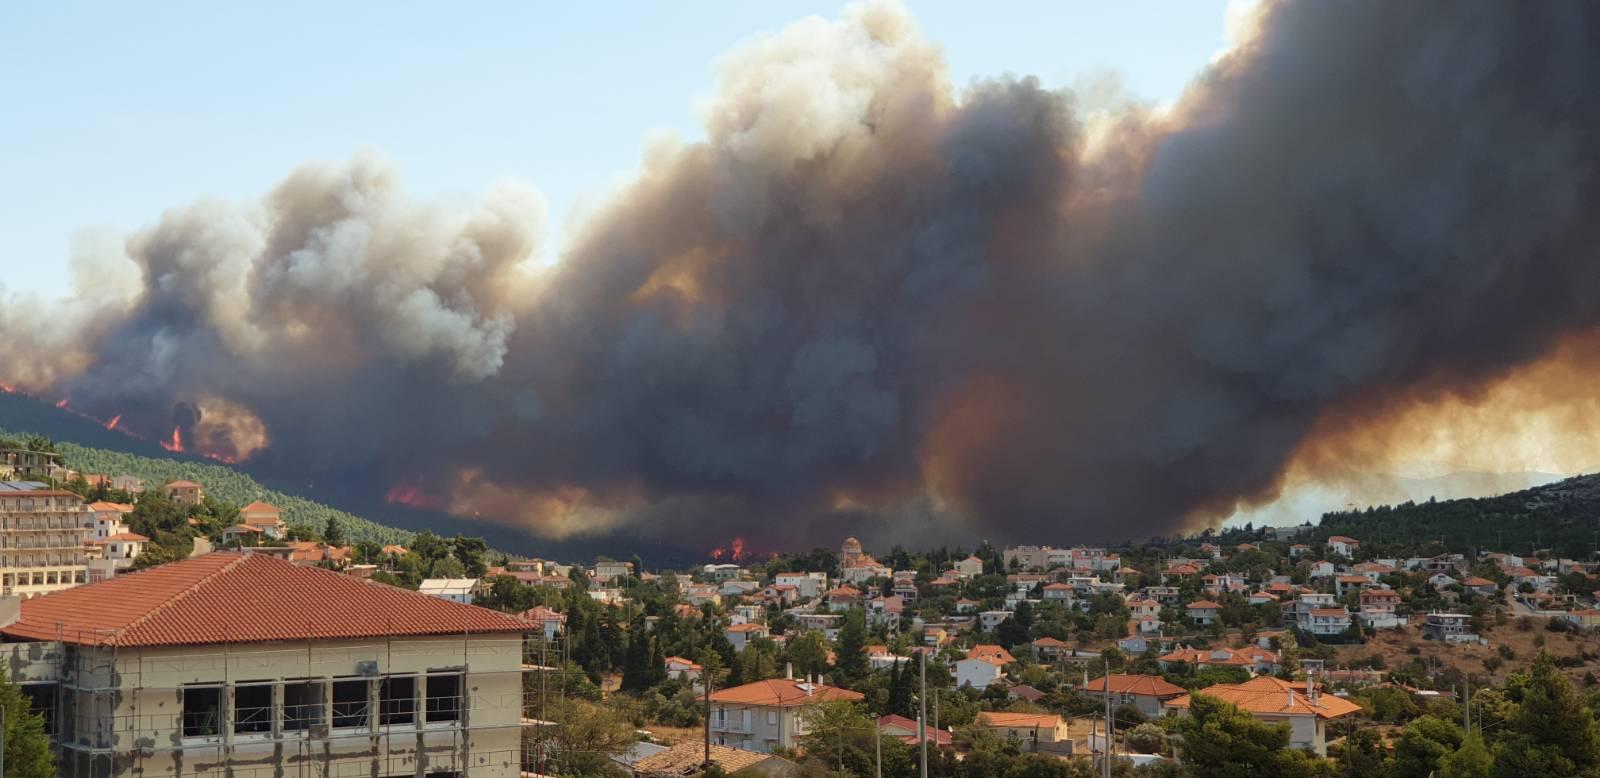 Ząbkowice Śląskie: Nasi strażacy pojechali z pomocą do Grecji - Zdjęcie główne